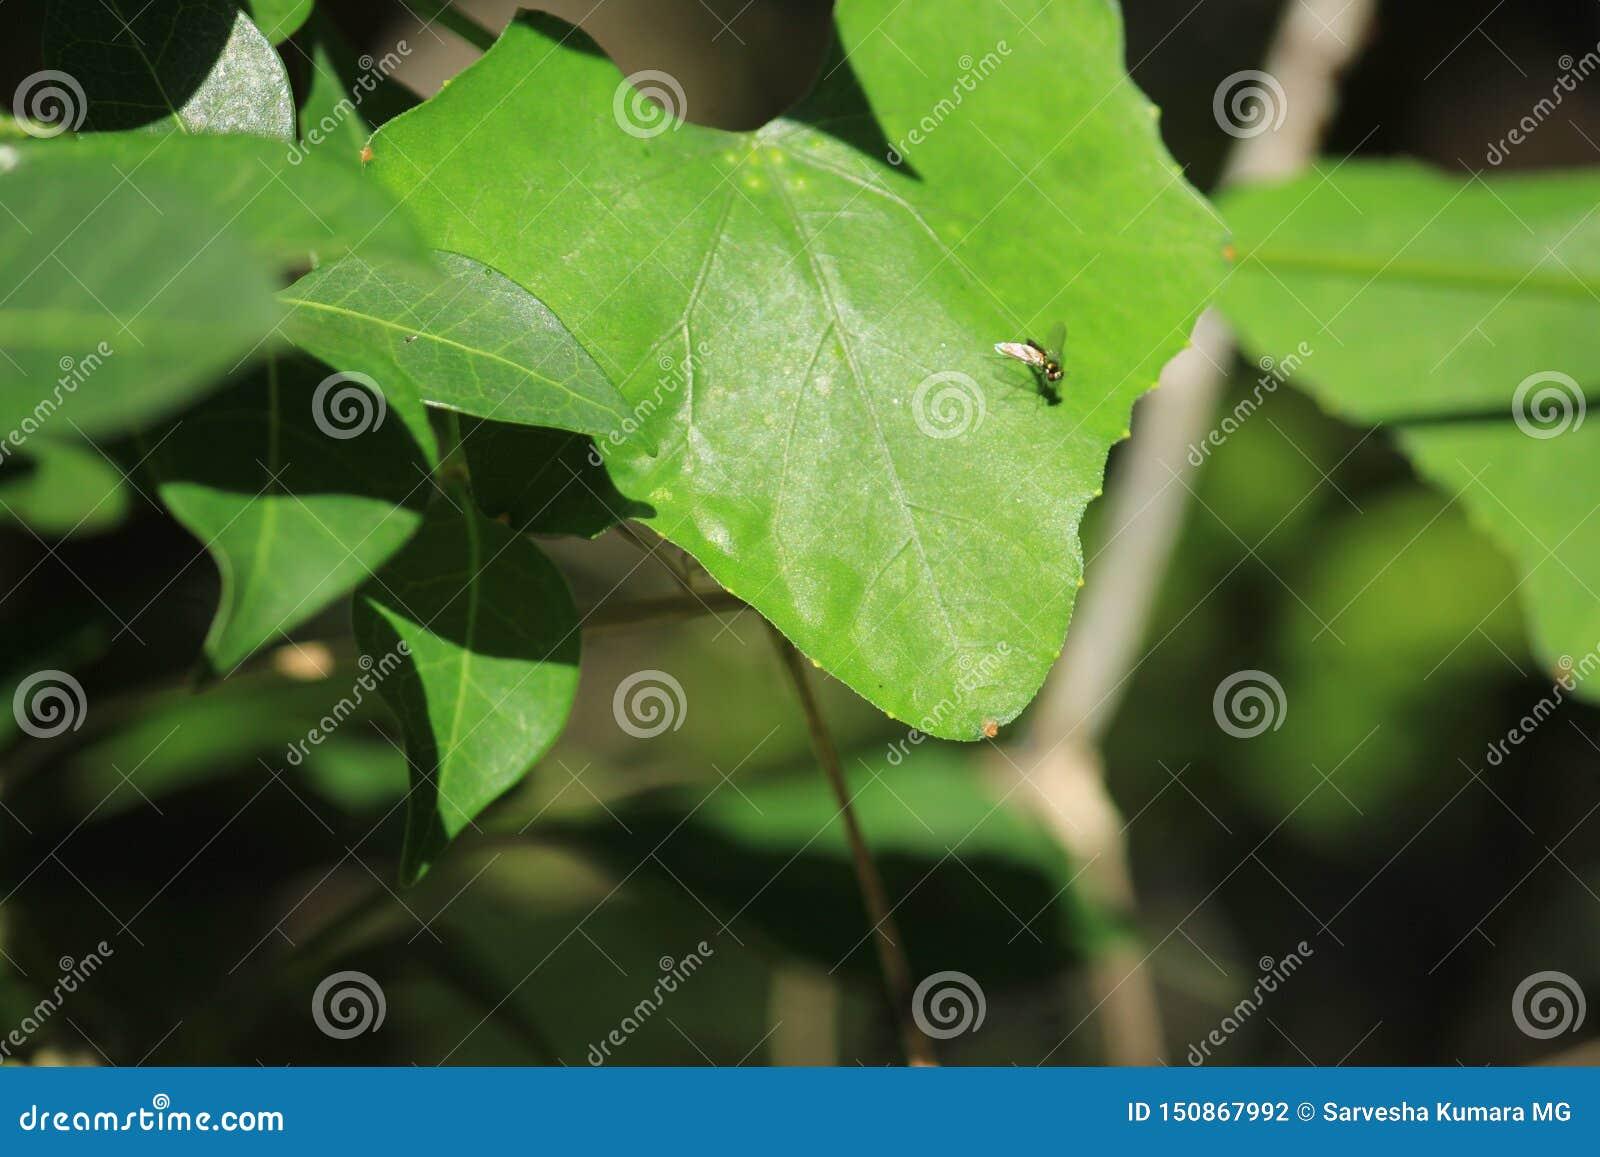 Kolorowy Housefly siedzi dalej robi mię jest materiałem na liściu plenerowa roślina Liście patrzeją zadziwiającymi gdy ja zazwycz